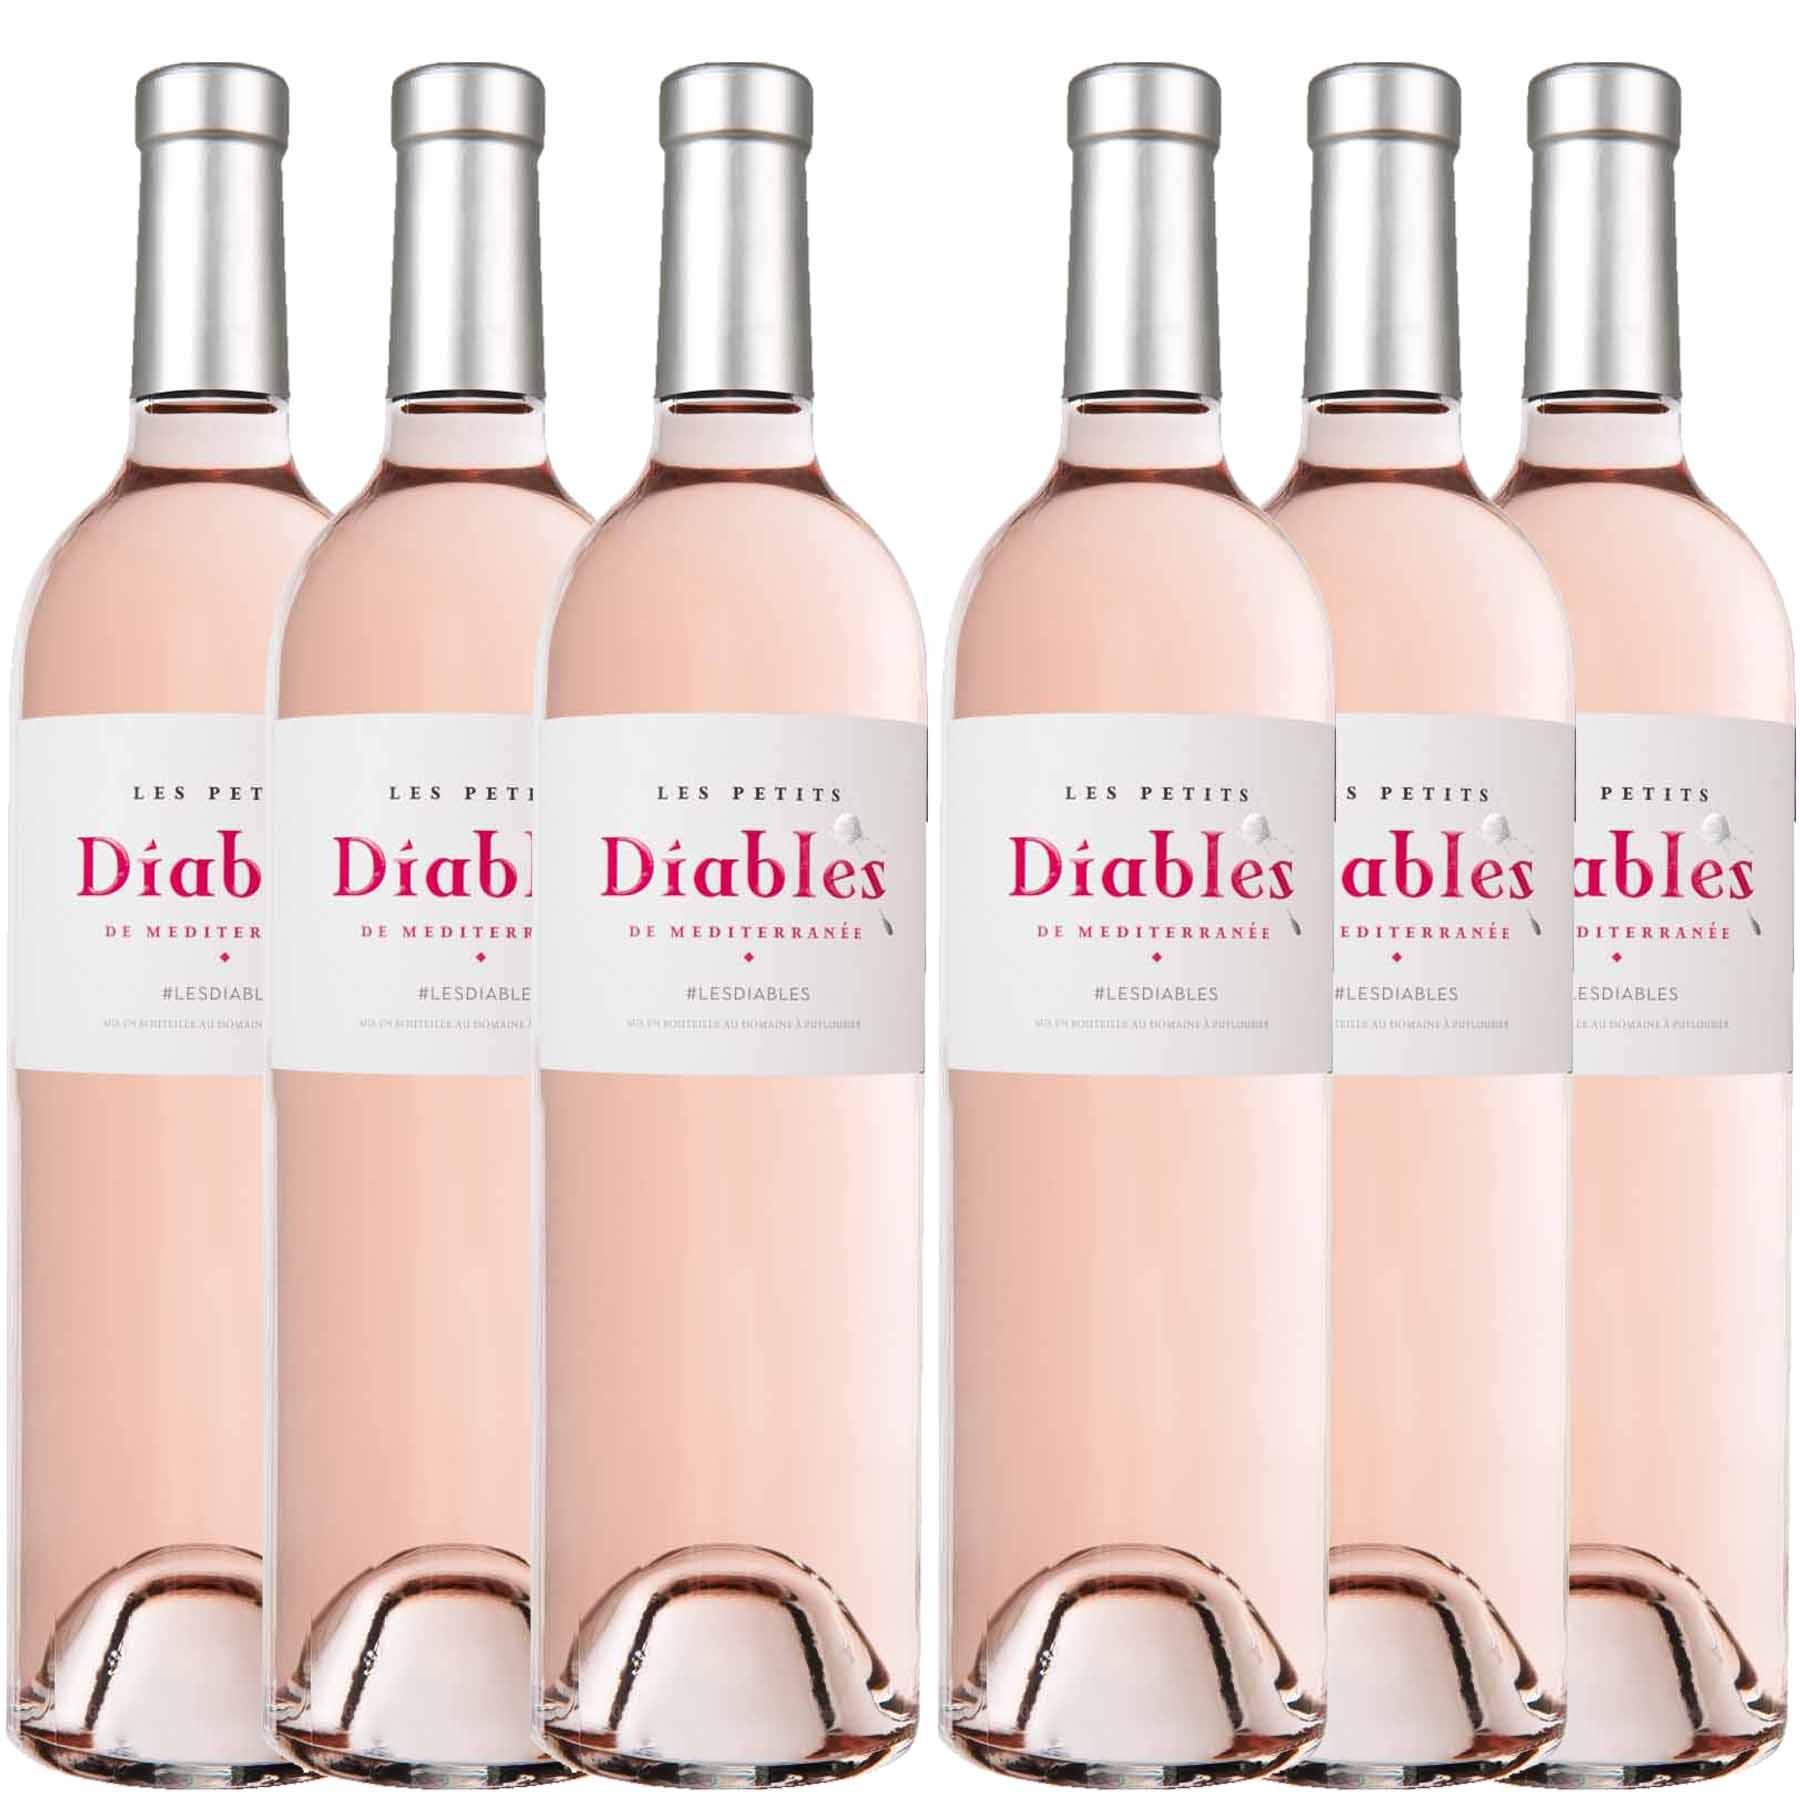 Kit 6x Vinho Rosé Francês Les Petits Diables Côtes De Provence 2019